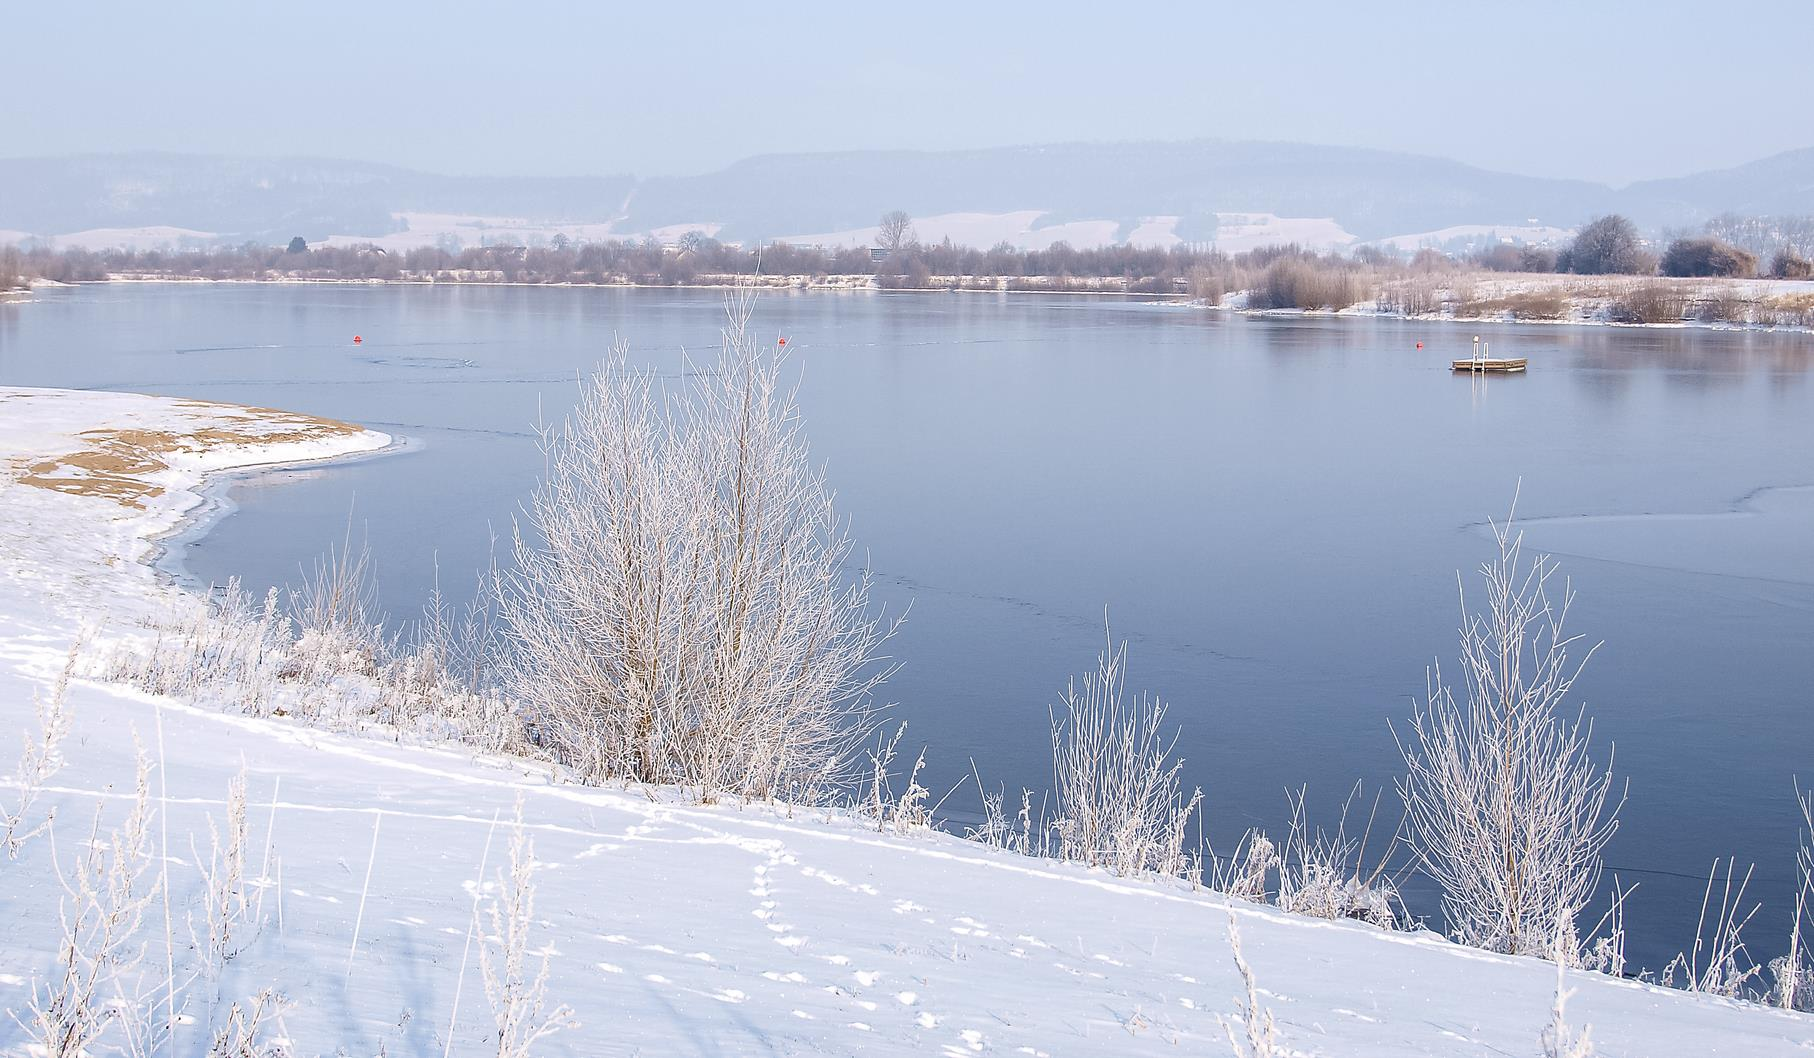 Der mittlere Teich des Naturschutzgebietes an einem schneereichen Januartag.